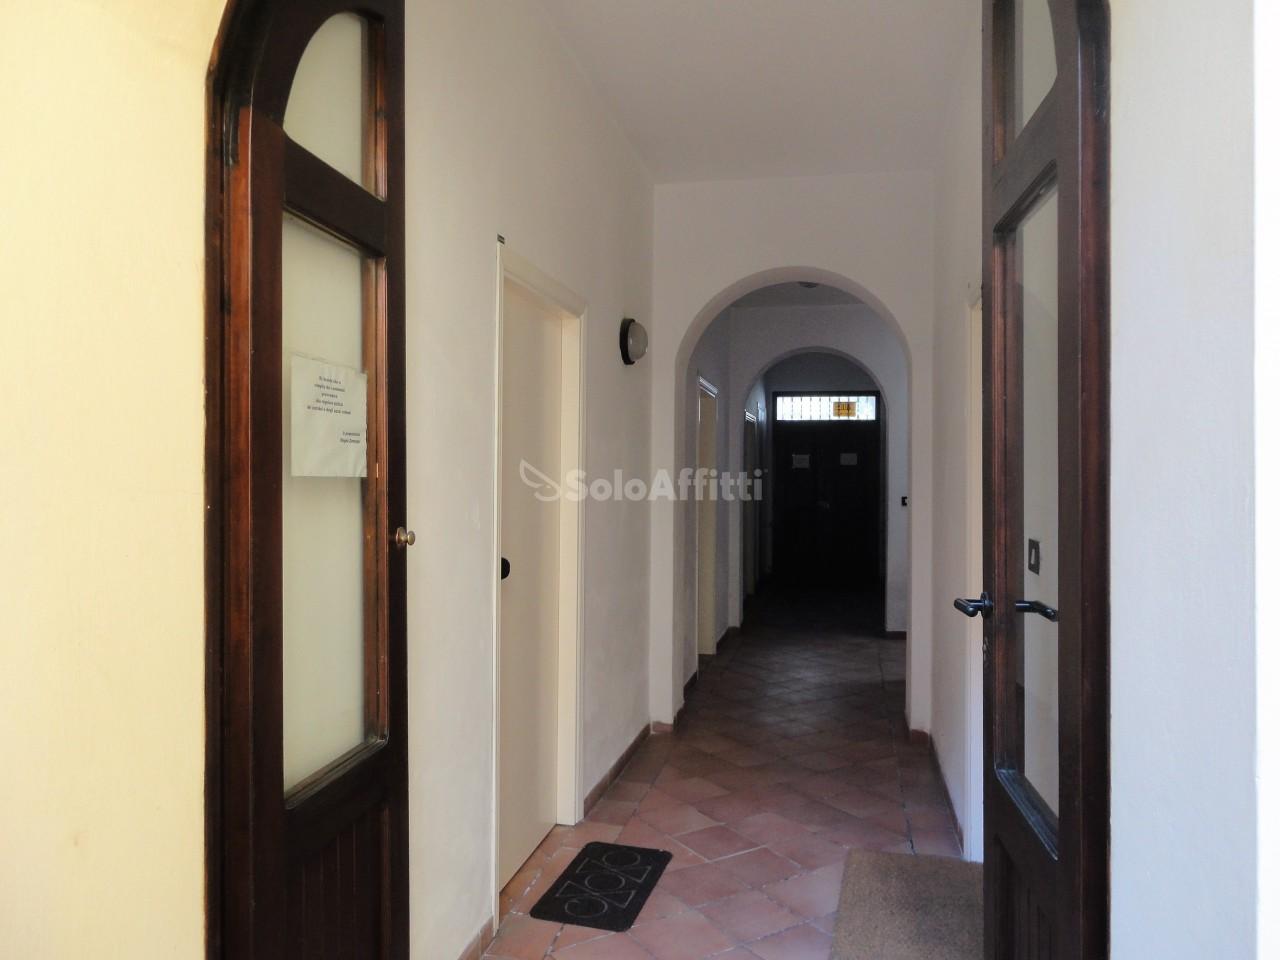 Ufficio in affitto a Rimini (RN)